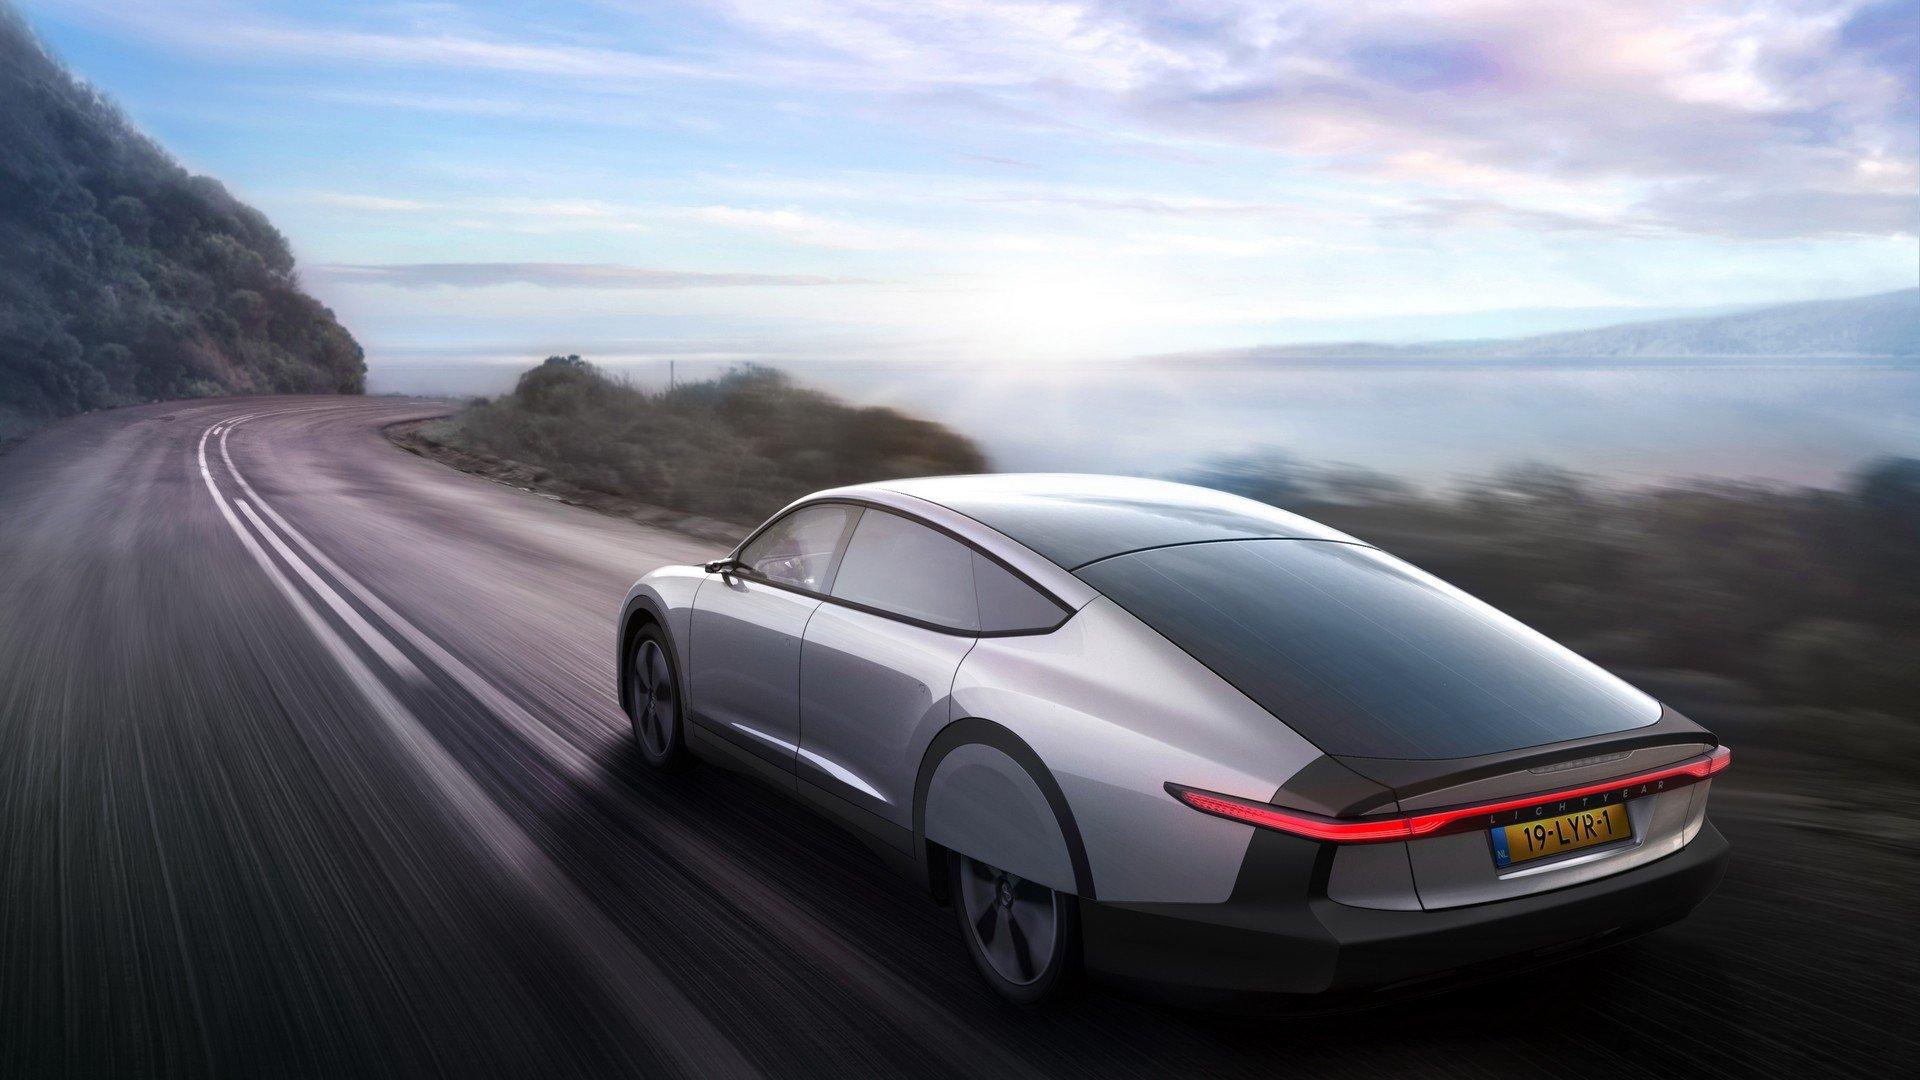 Energía solar para mover coches: ¿es posible?